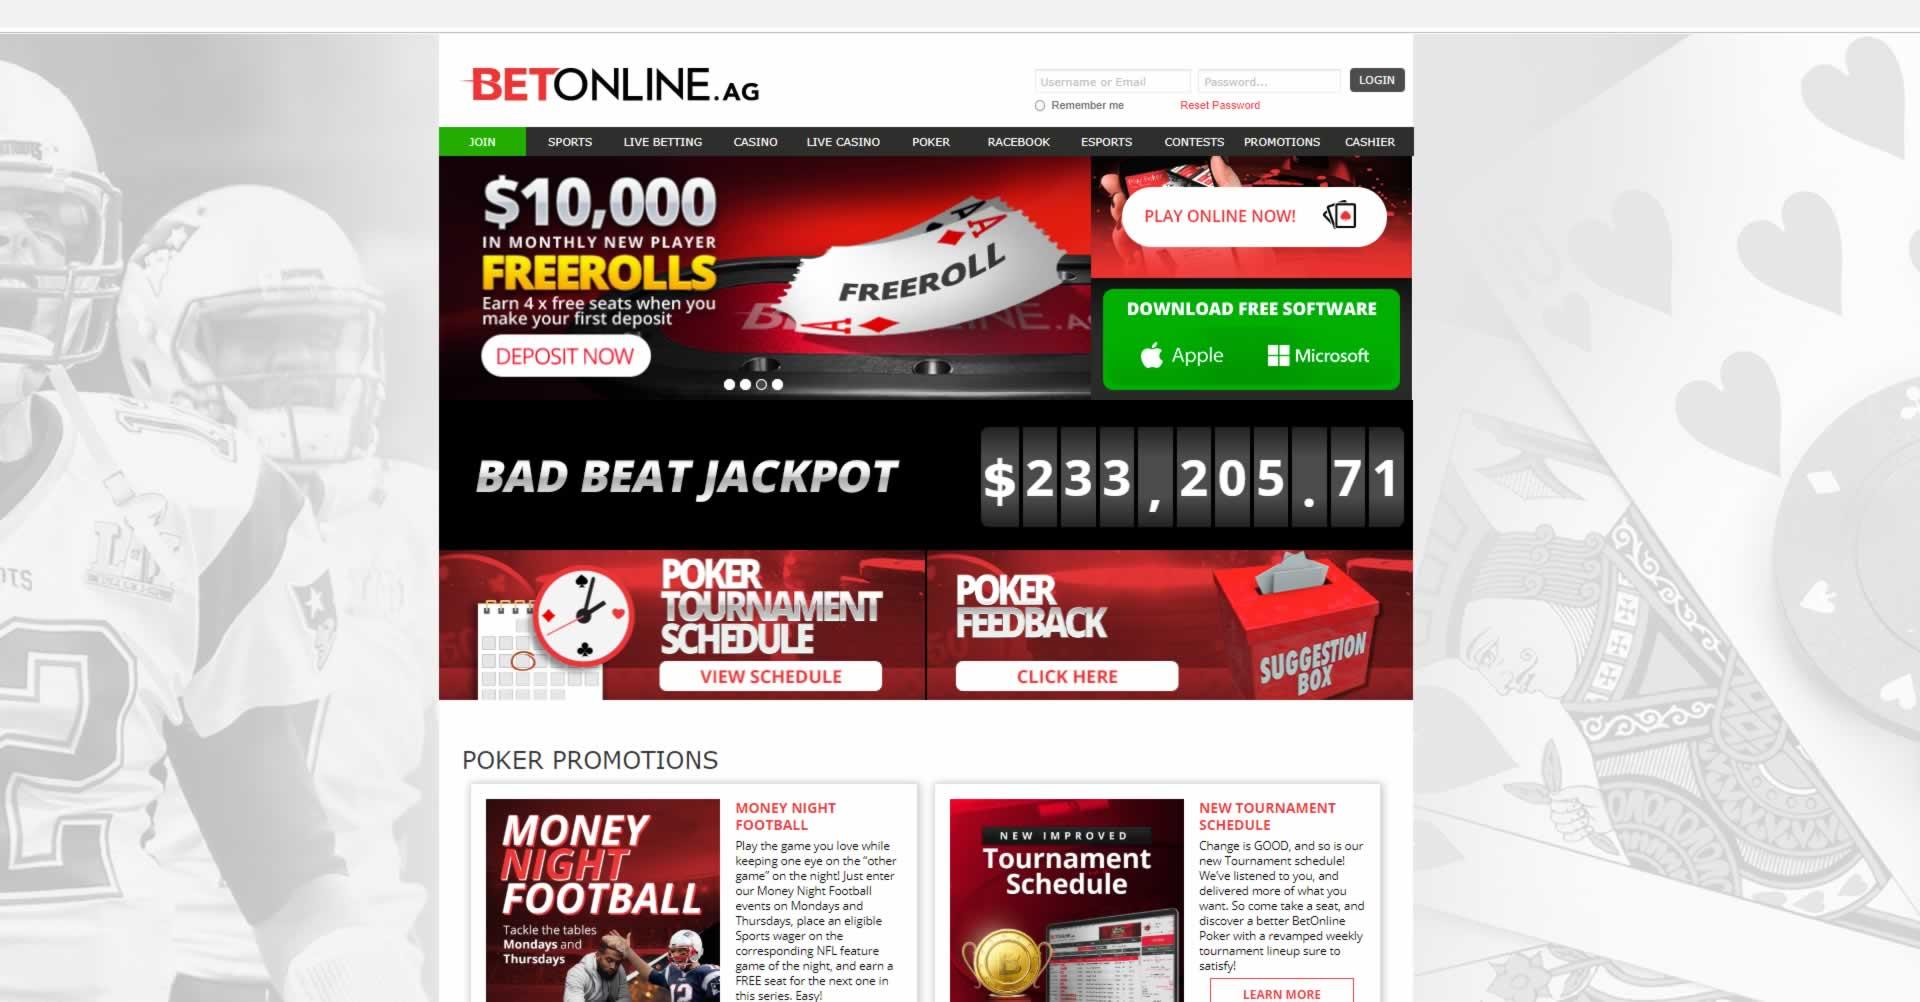 Betonline Poker Legit